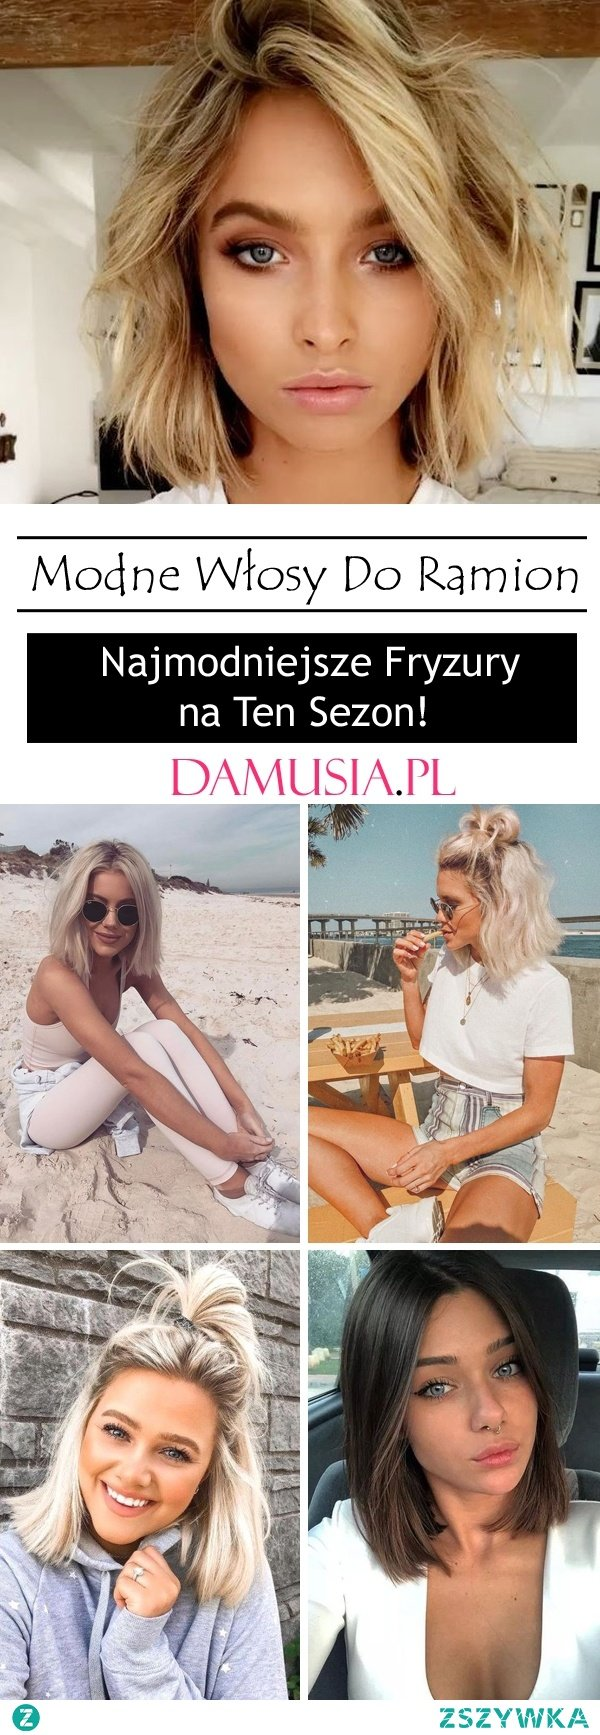 Modne Włosy Do Ramion – Najmodniejsze Fryzury na Ten Sezon!